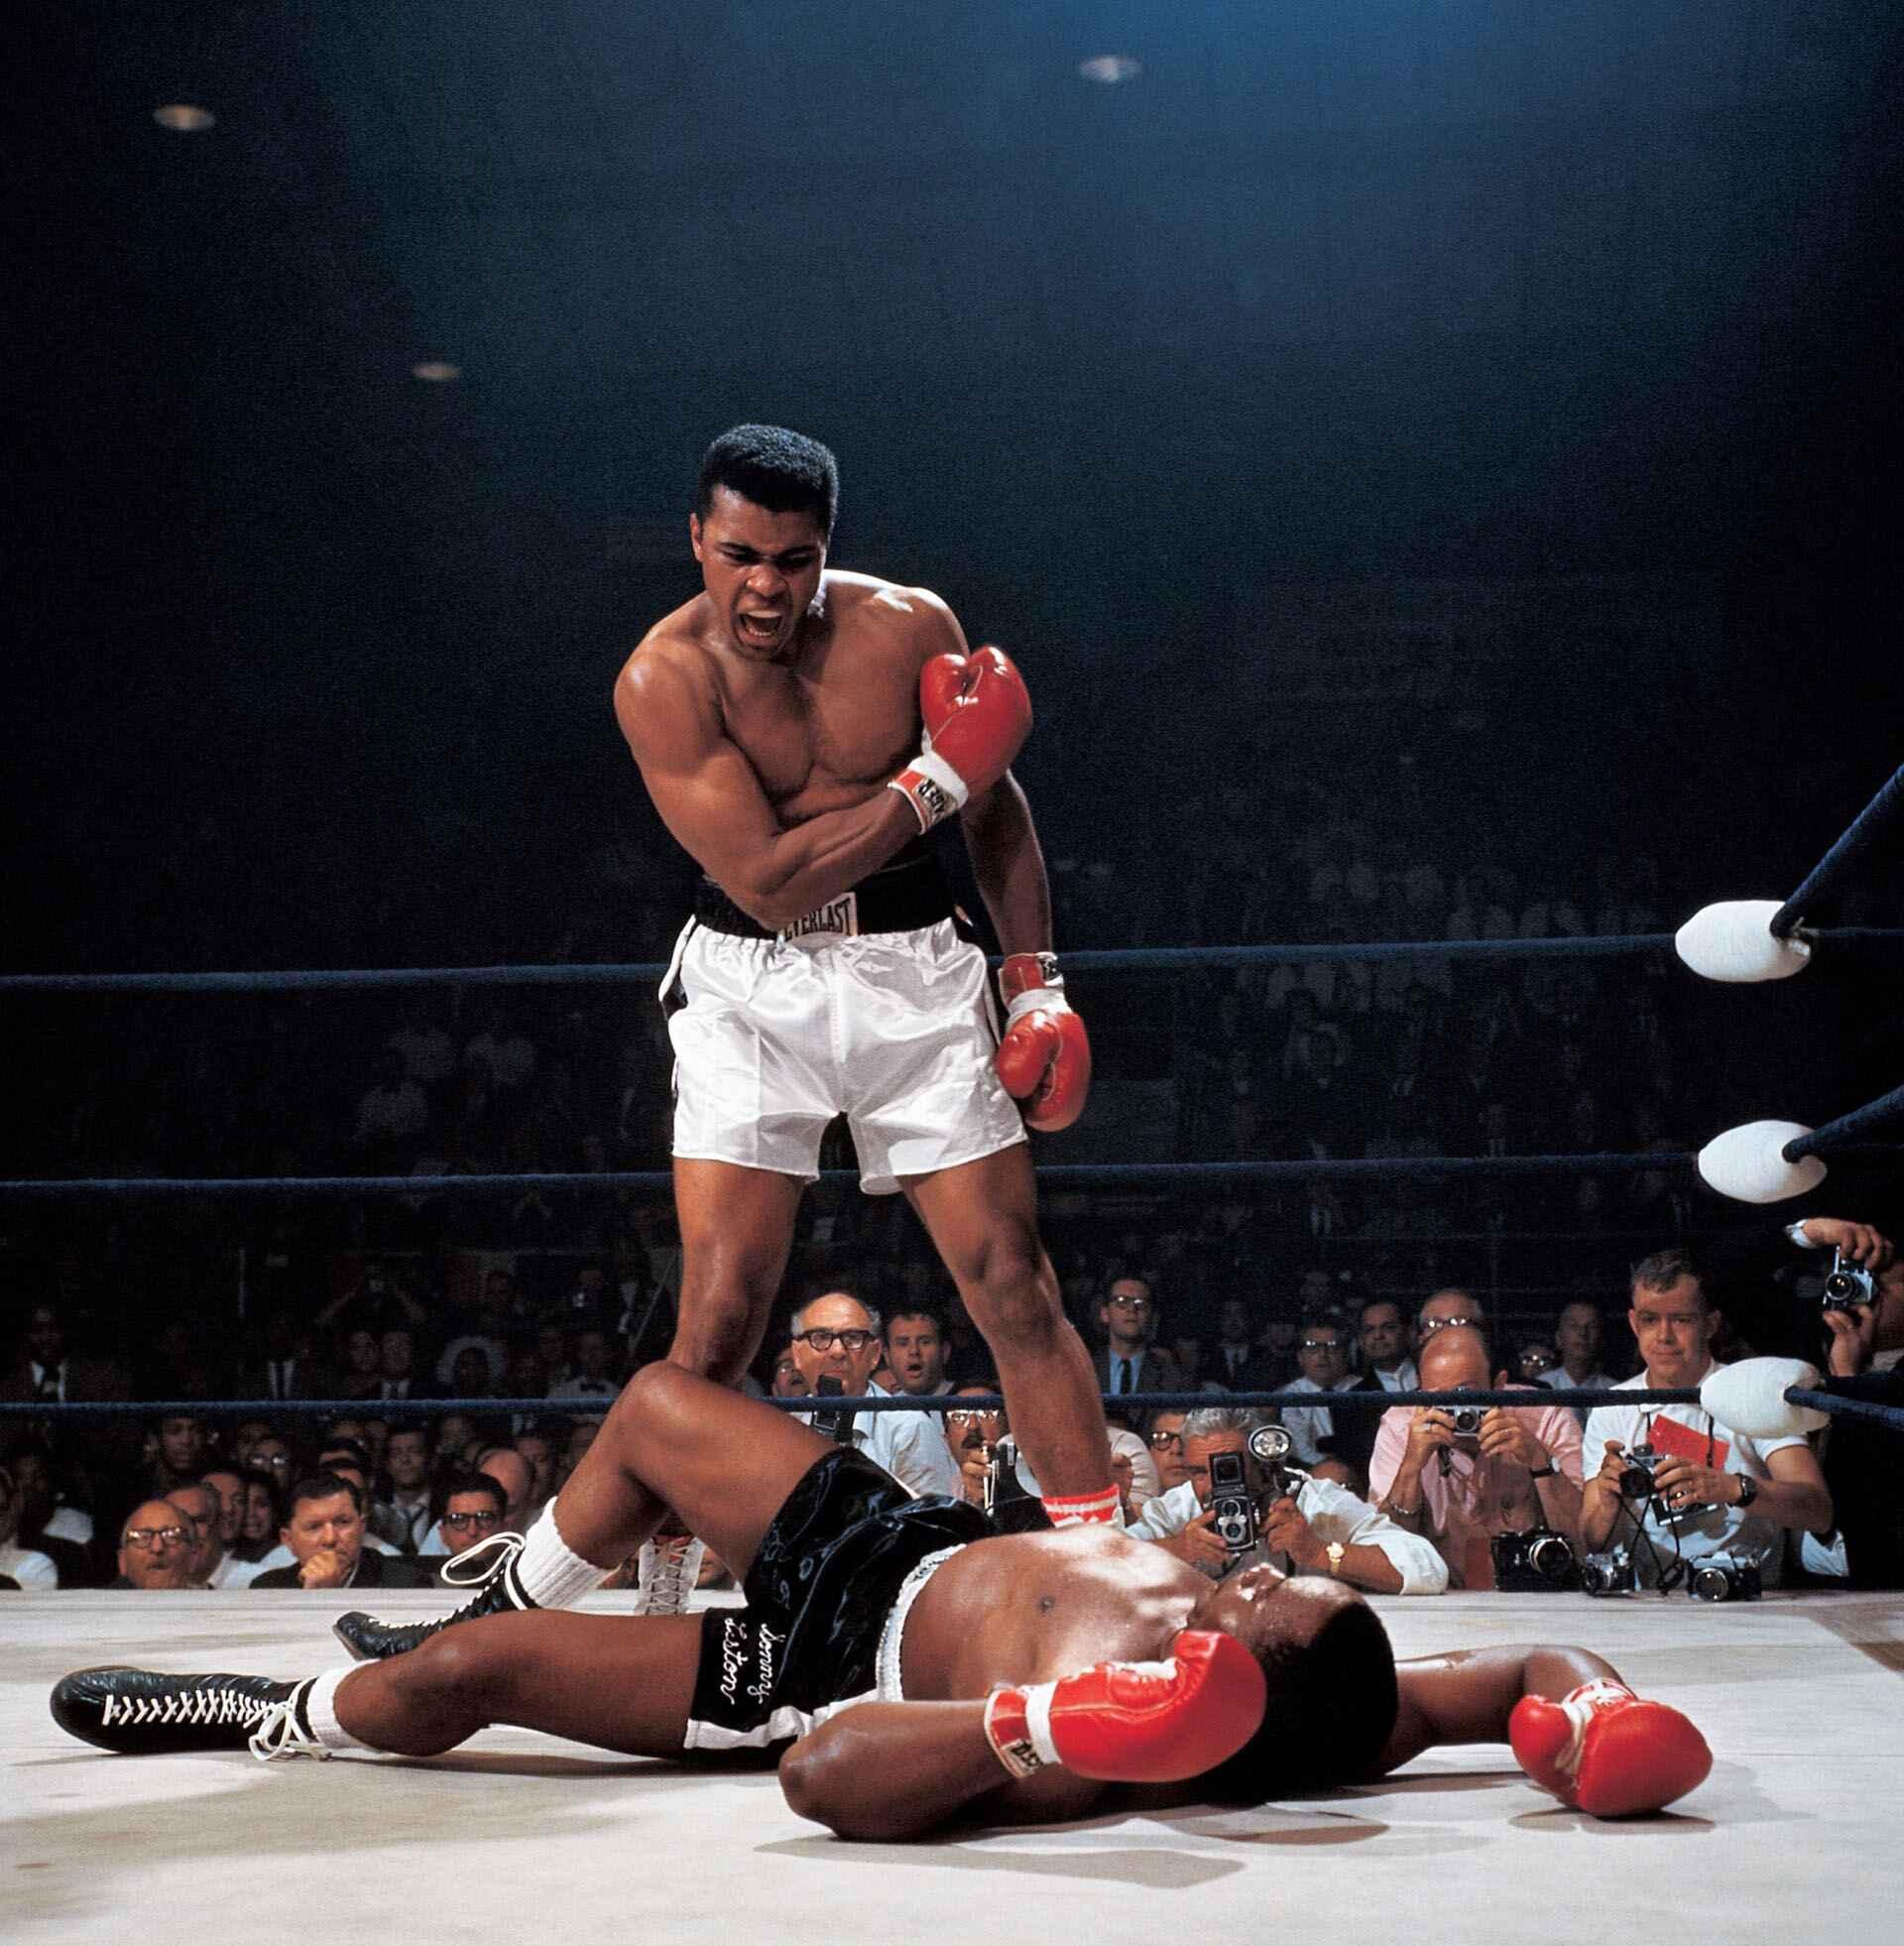 Le Dessous des images : Muhammad Ali met K.O le champion du monde Sony Liston au 1er round